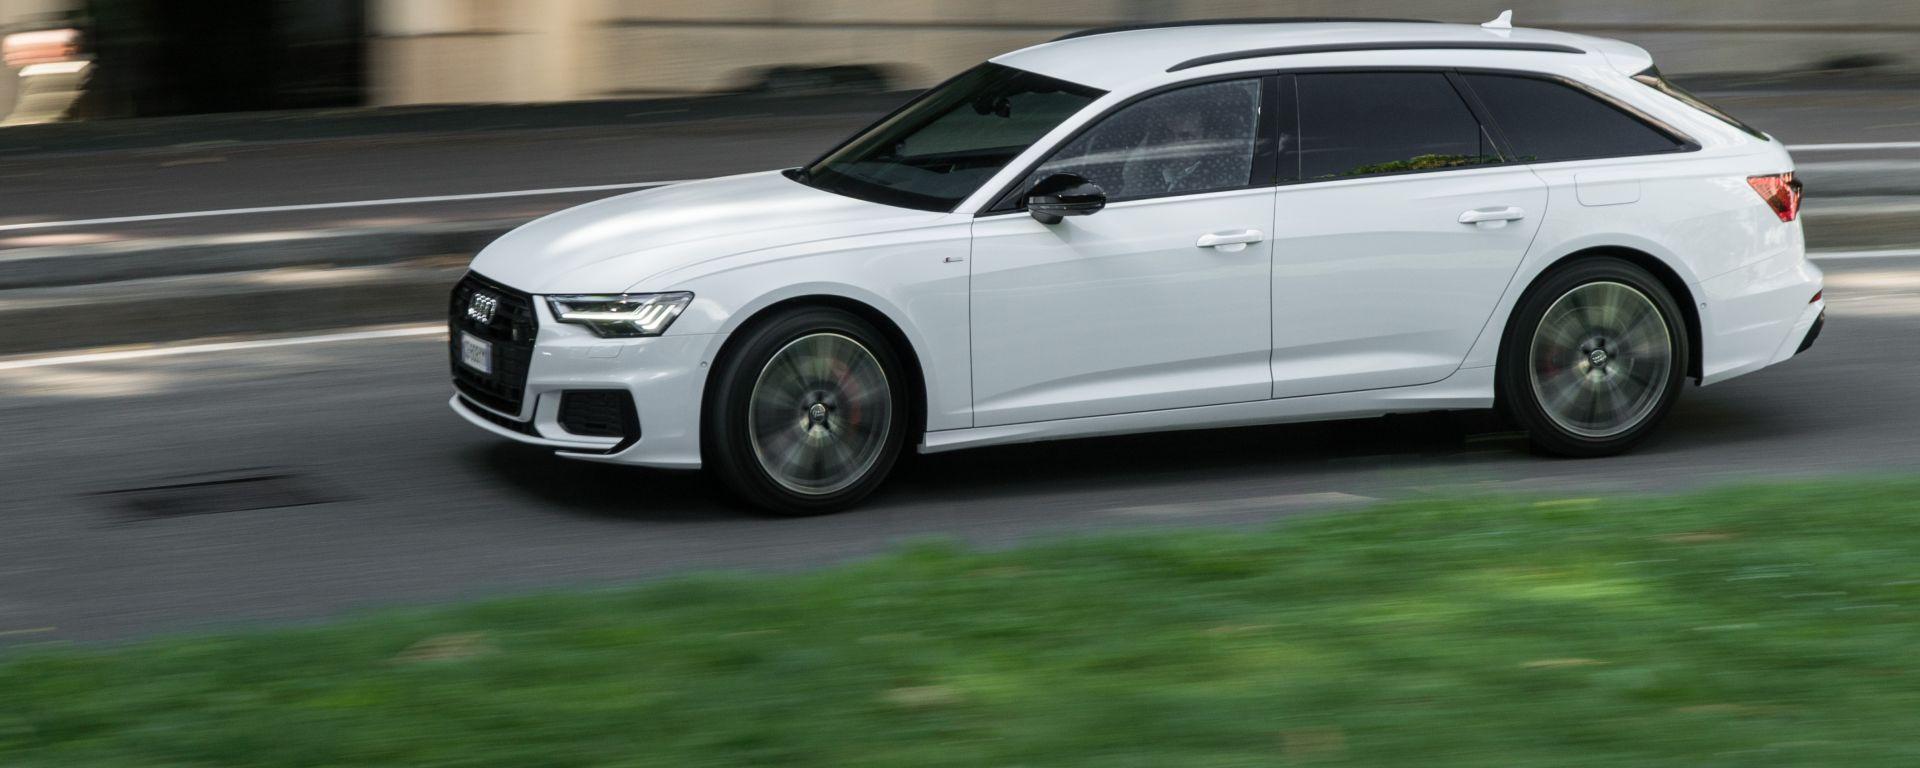 Audi A6 Avant 55 tfsi e quattro: la prova video della wagon tedesca alla spina